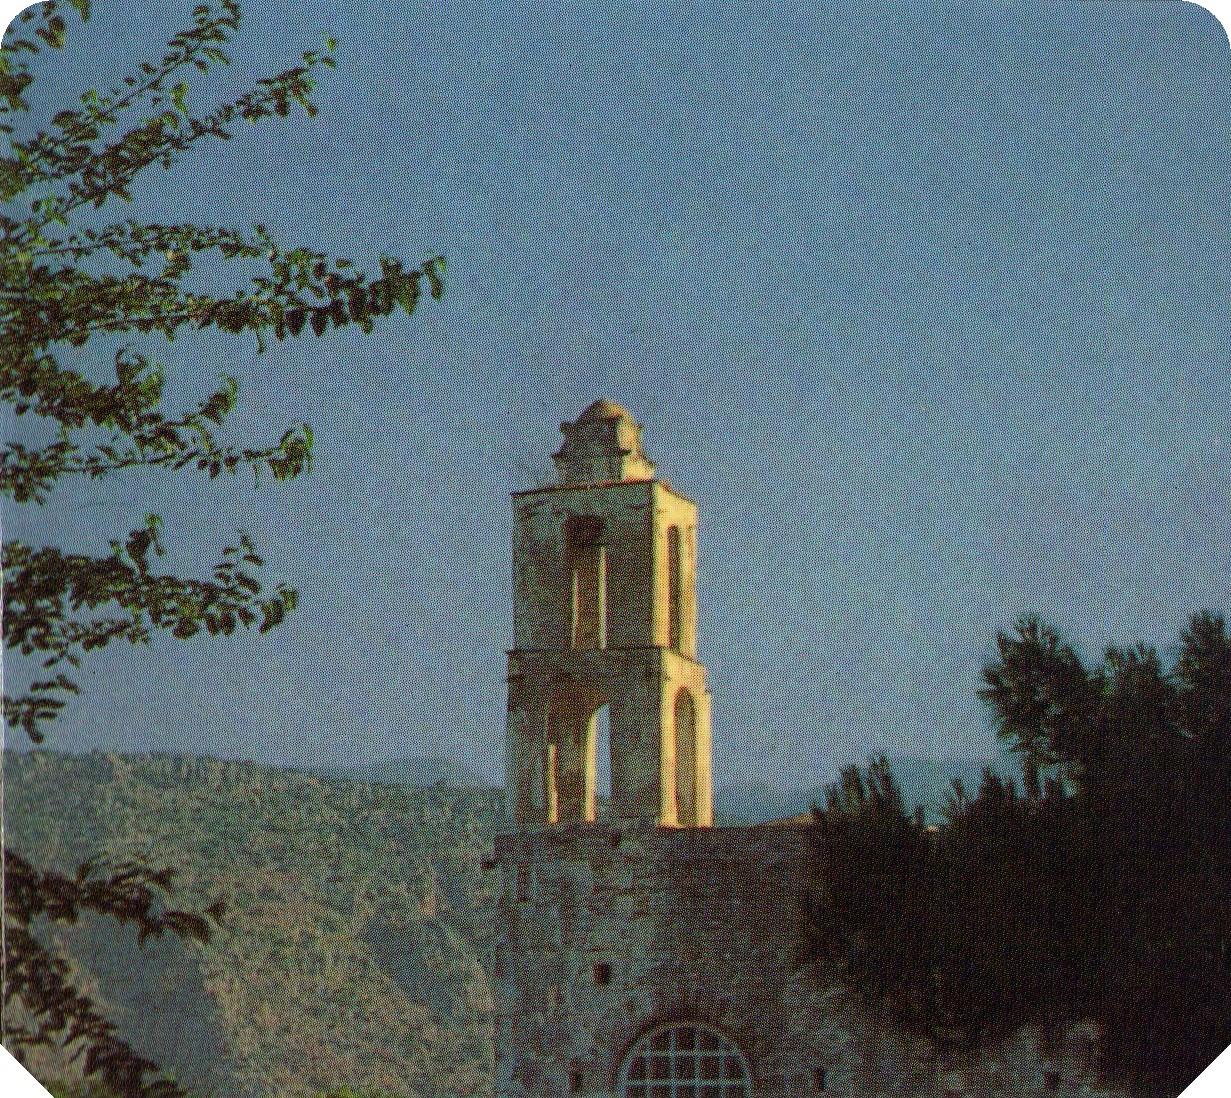 Το καμπαναριό της βασιλικής του Αγίου στα Μύρα προ του 1923